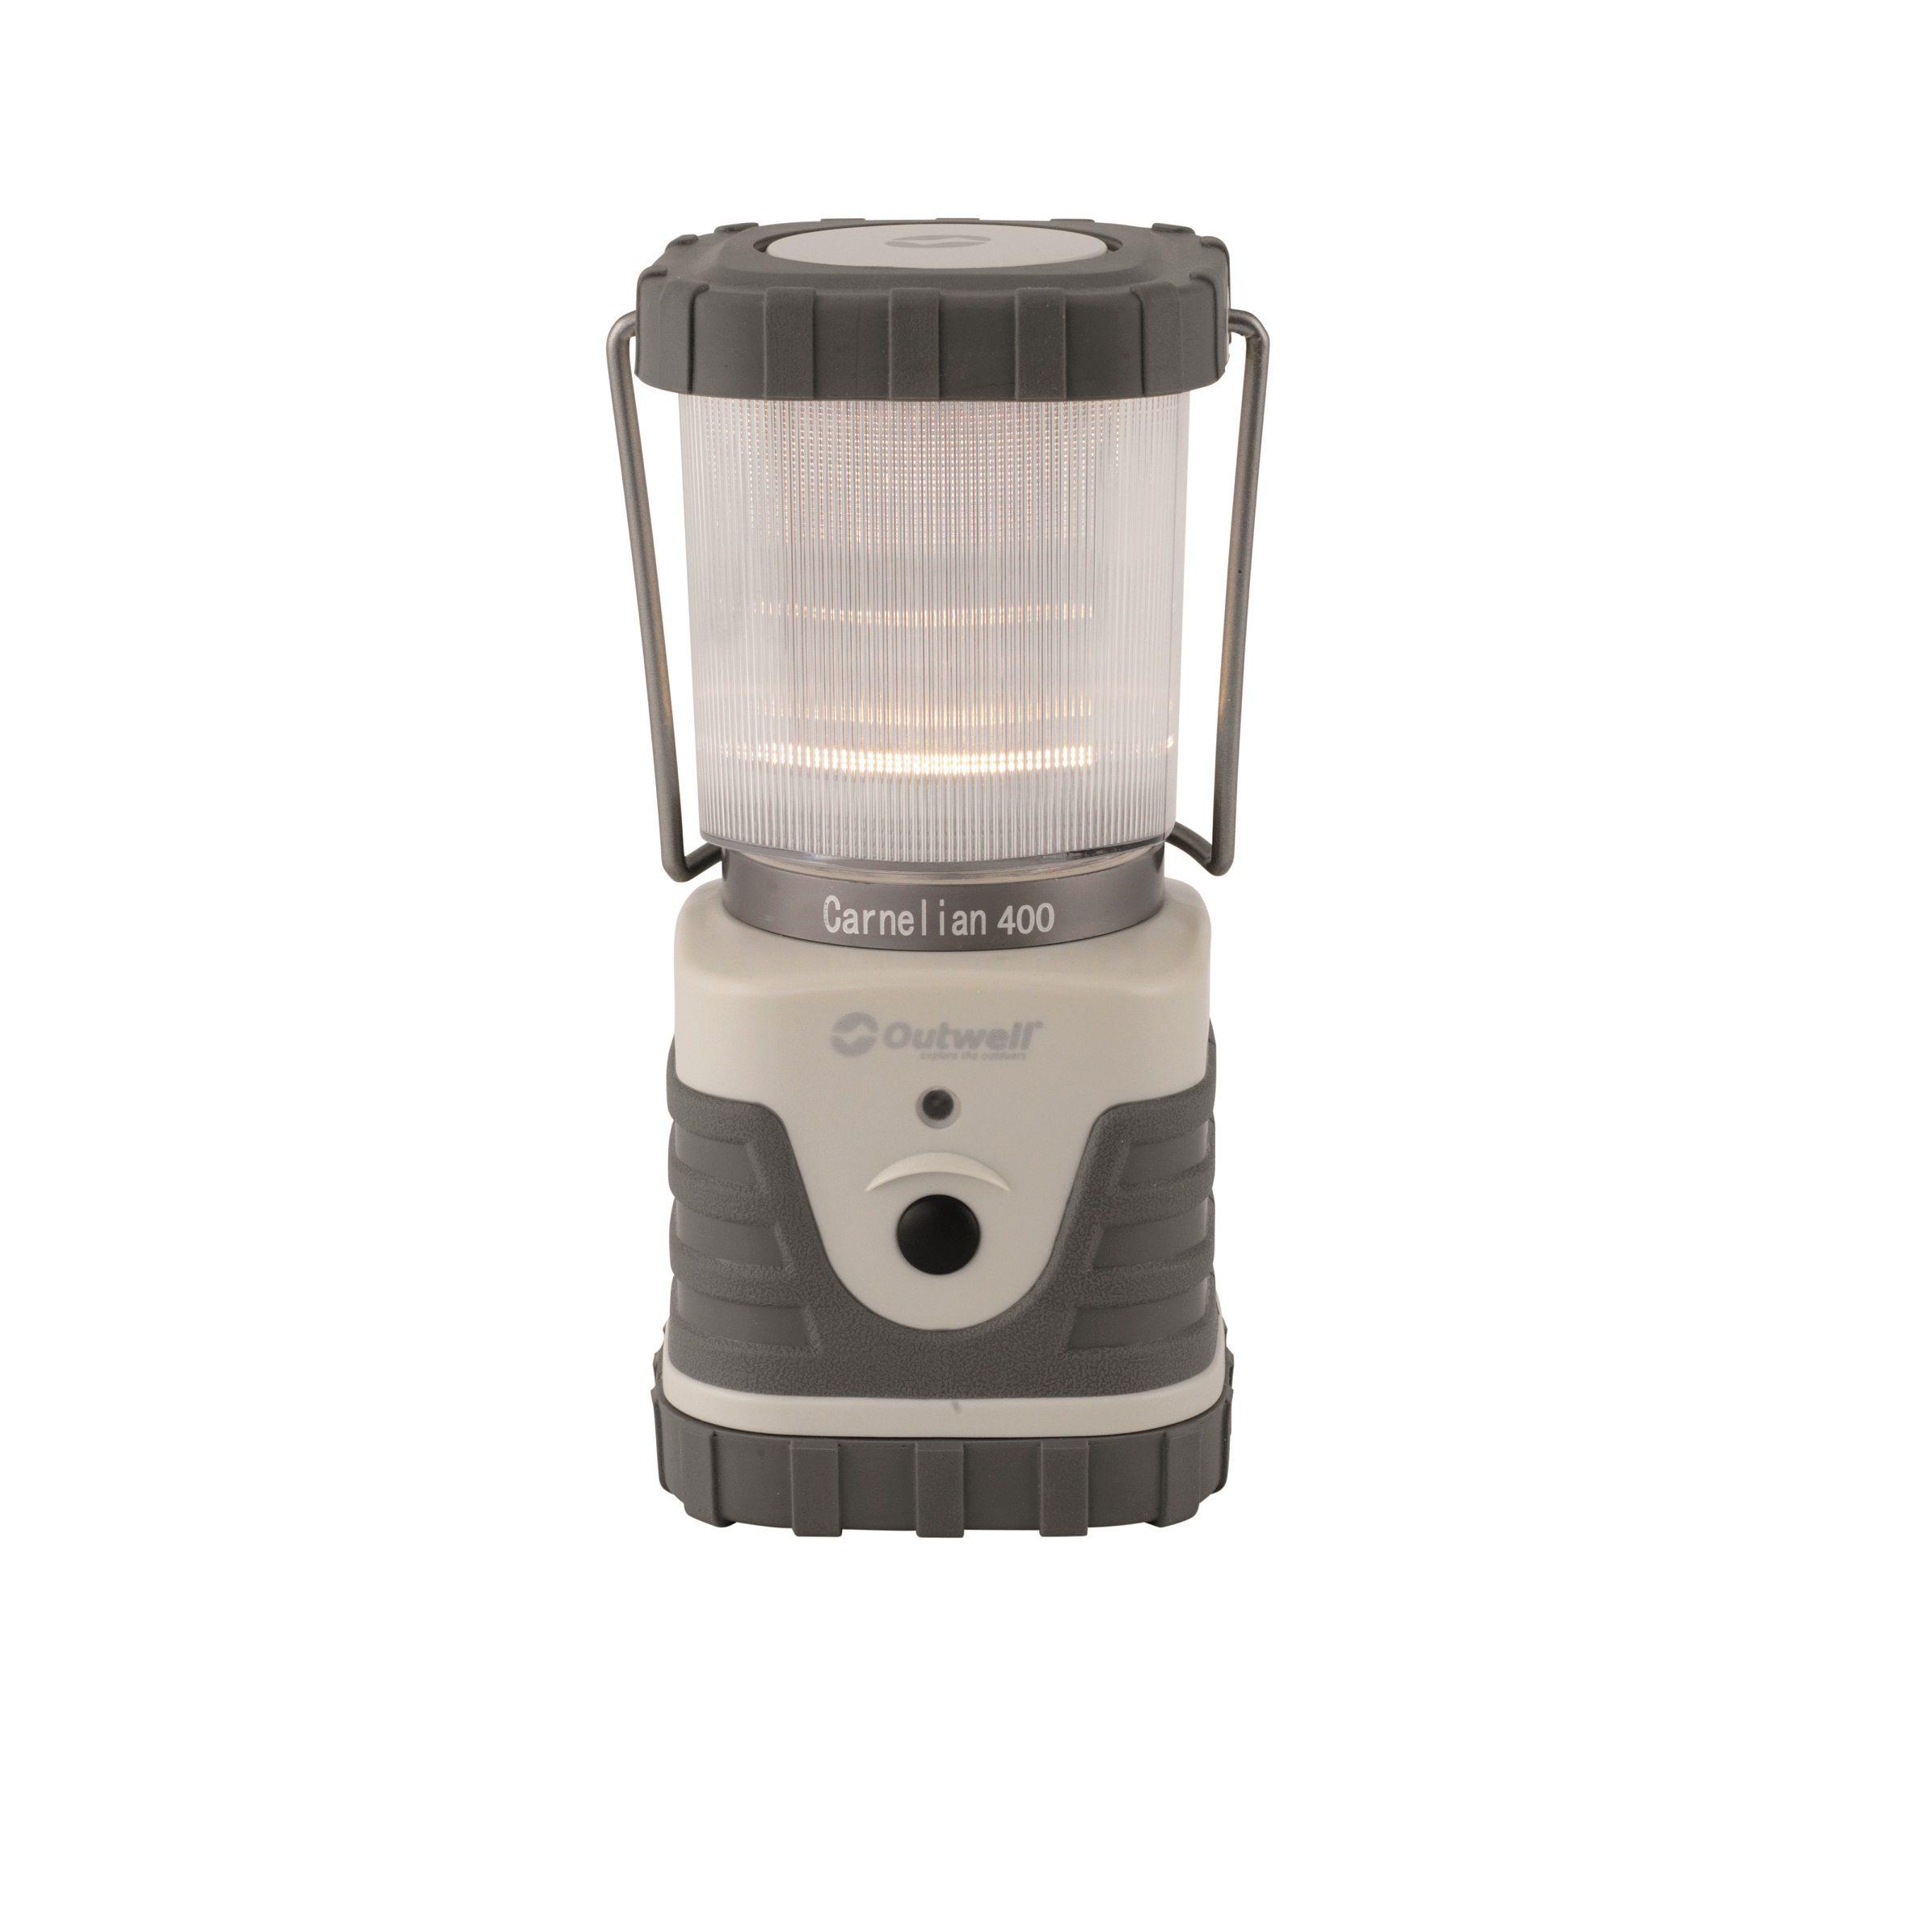 Outwell Carnelian 400 Lantern